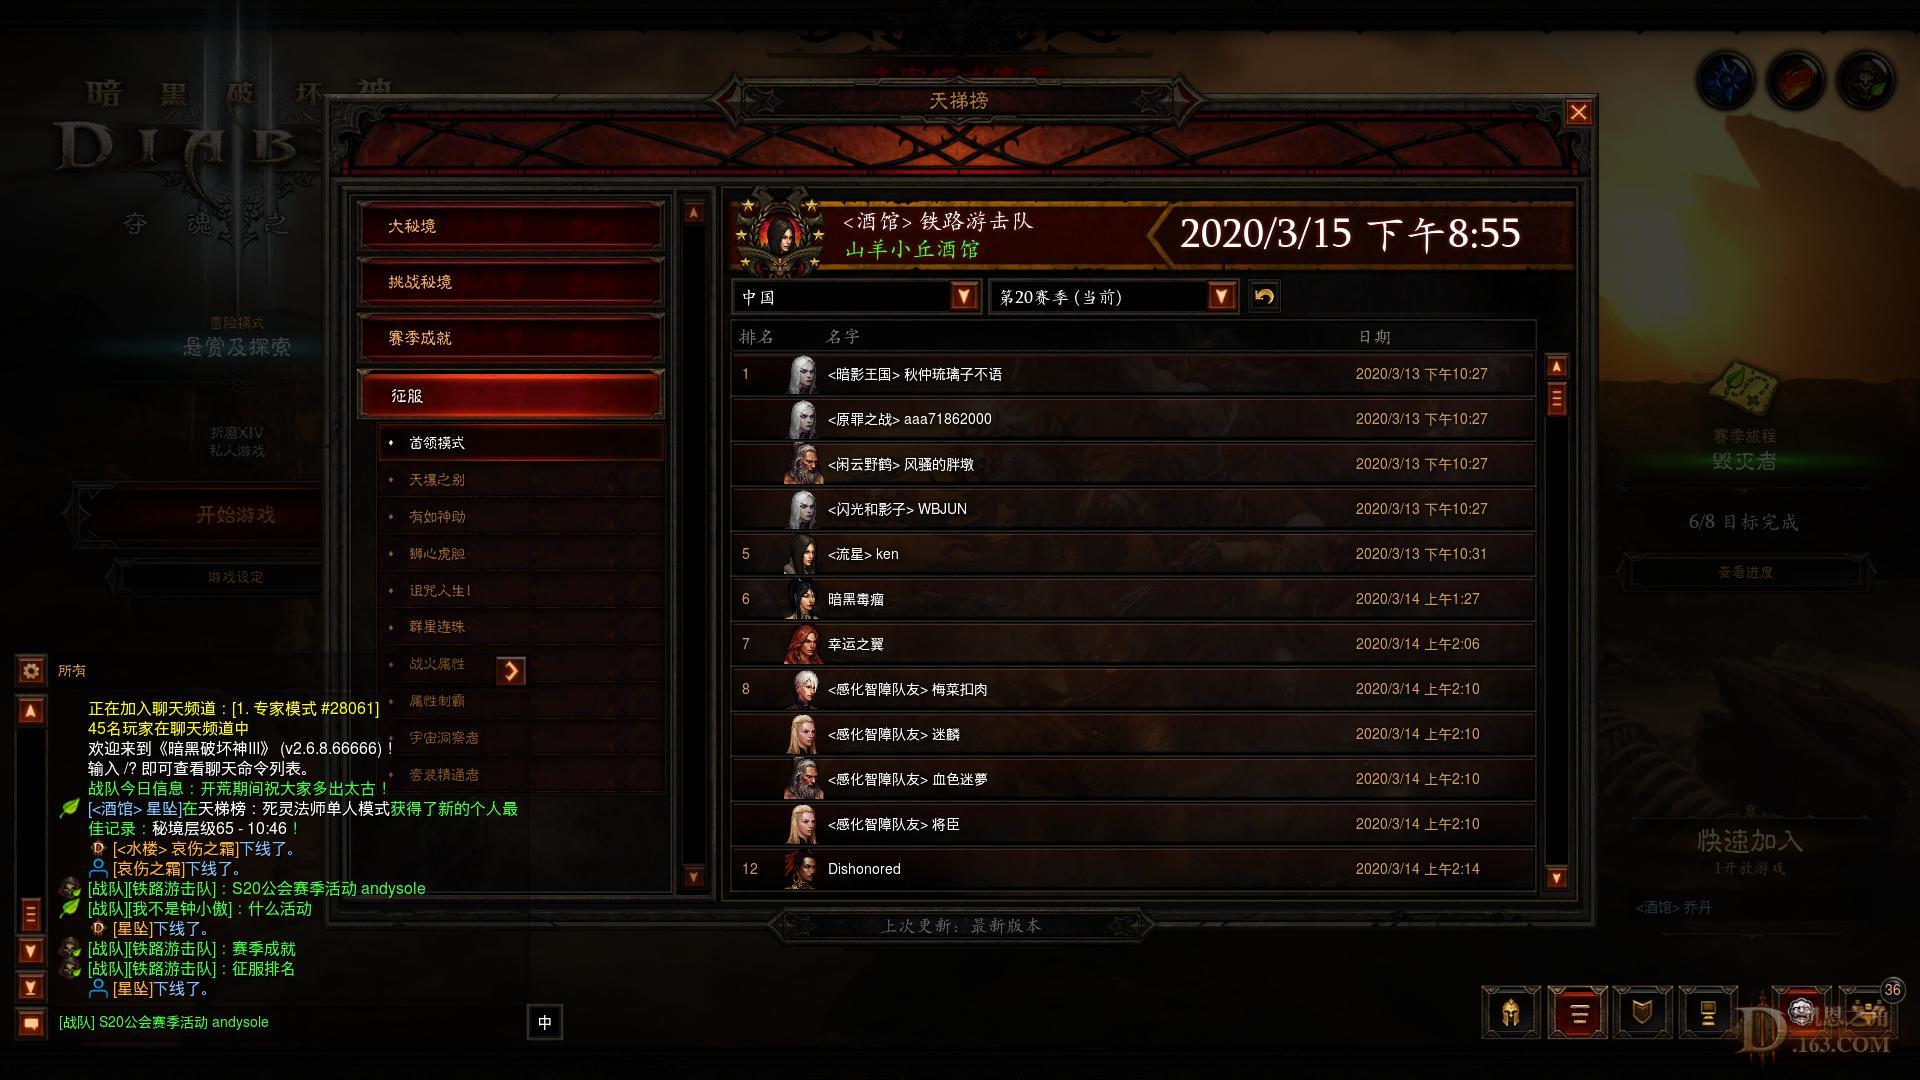 Diablo III 2020-03-16 19-41-42-50.jpg